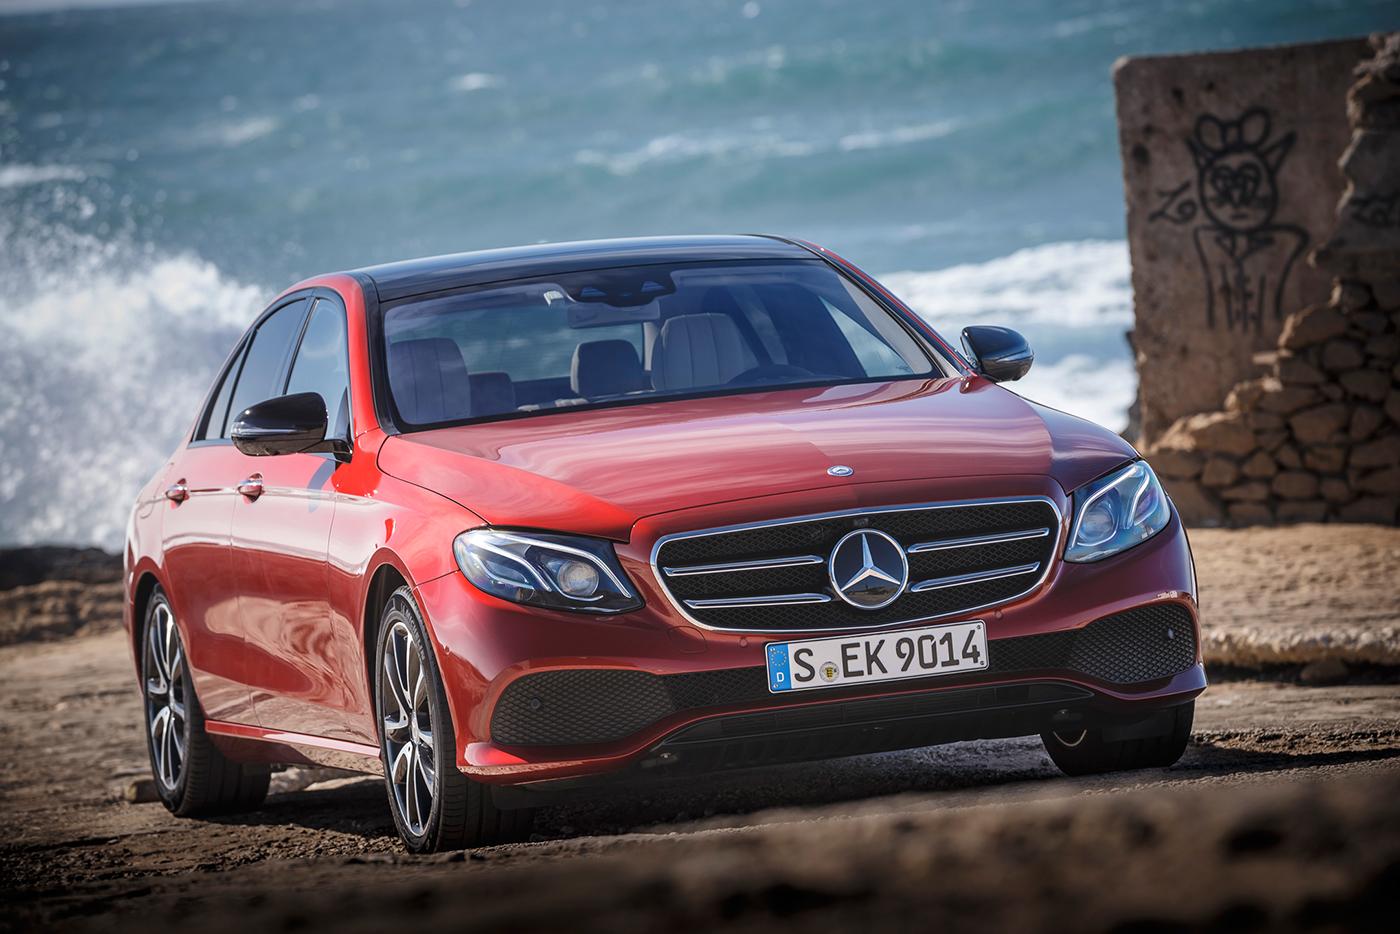 Mercedes-Benz thông báo triệu hồi 18.000 xe do các vấn đề an toàn 1